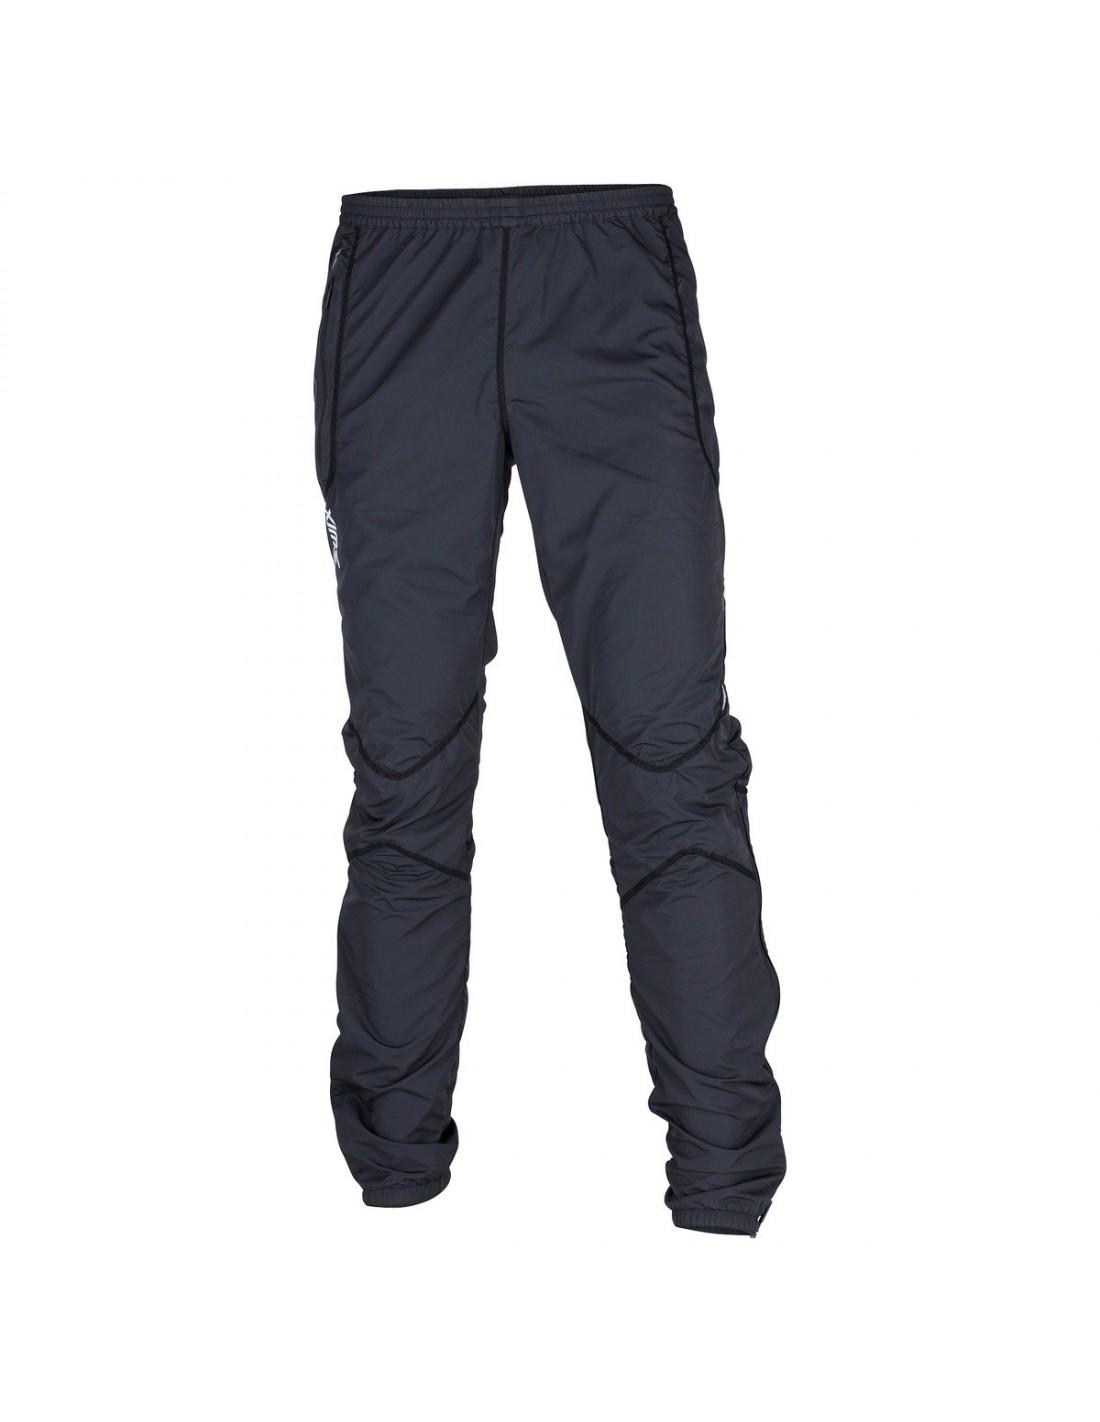 Langrennsbukser Herrer Swix Star XC pants Mens 22861 999 kr